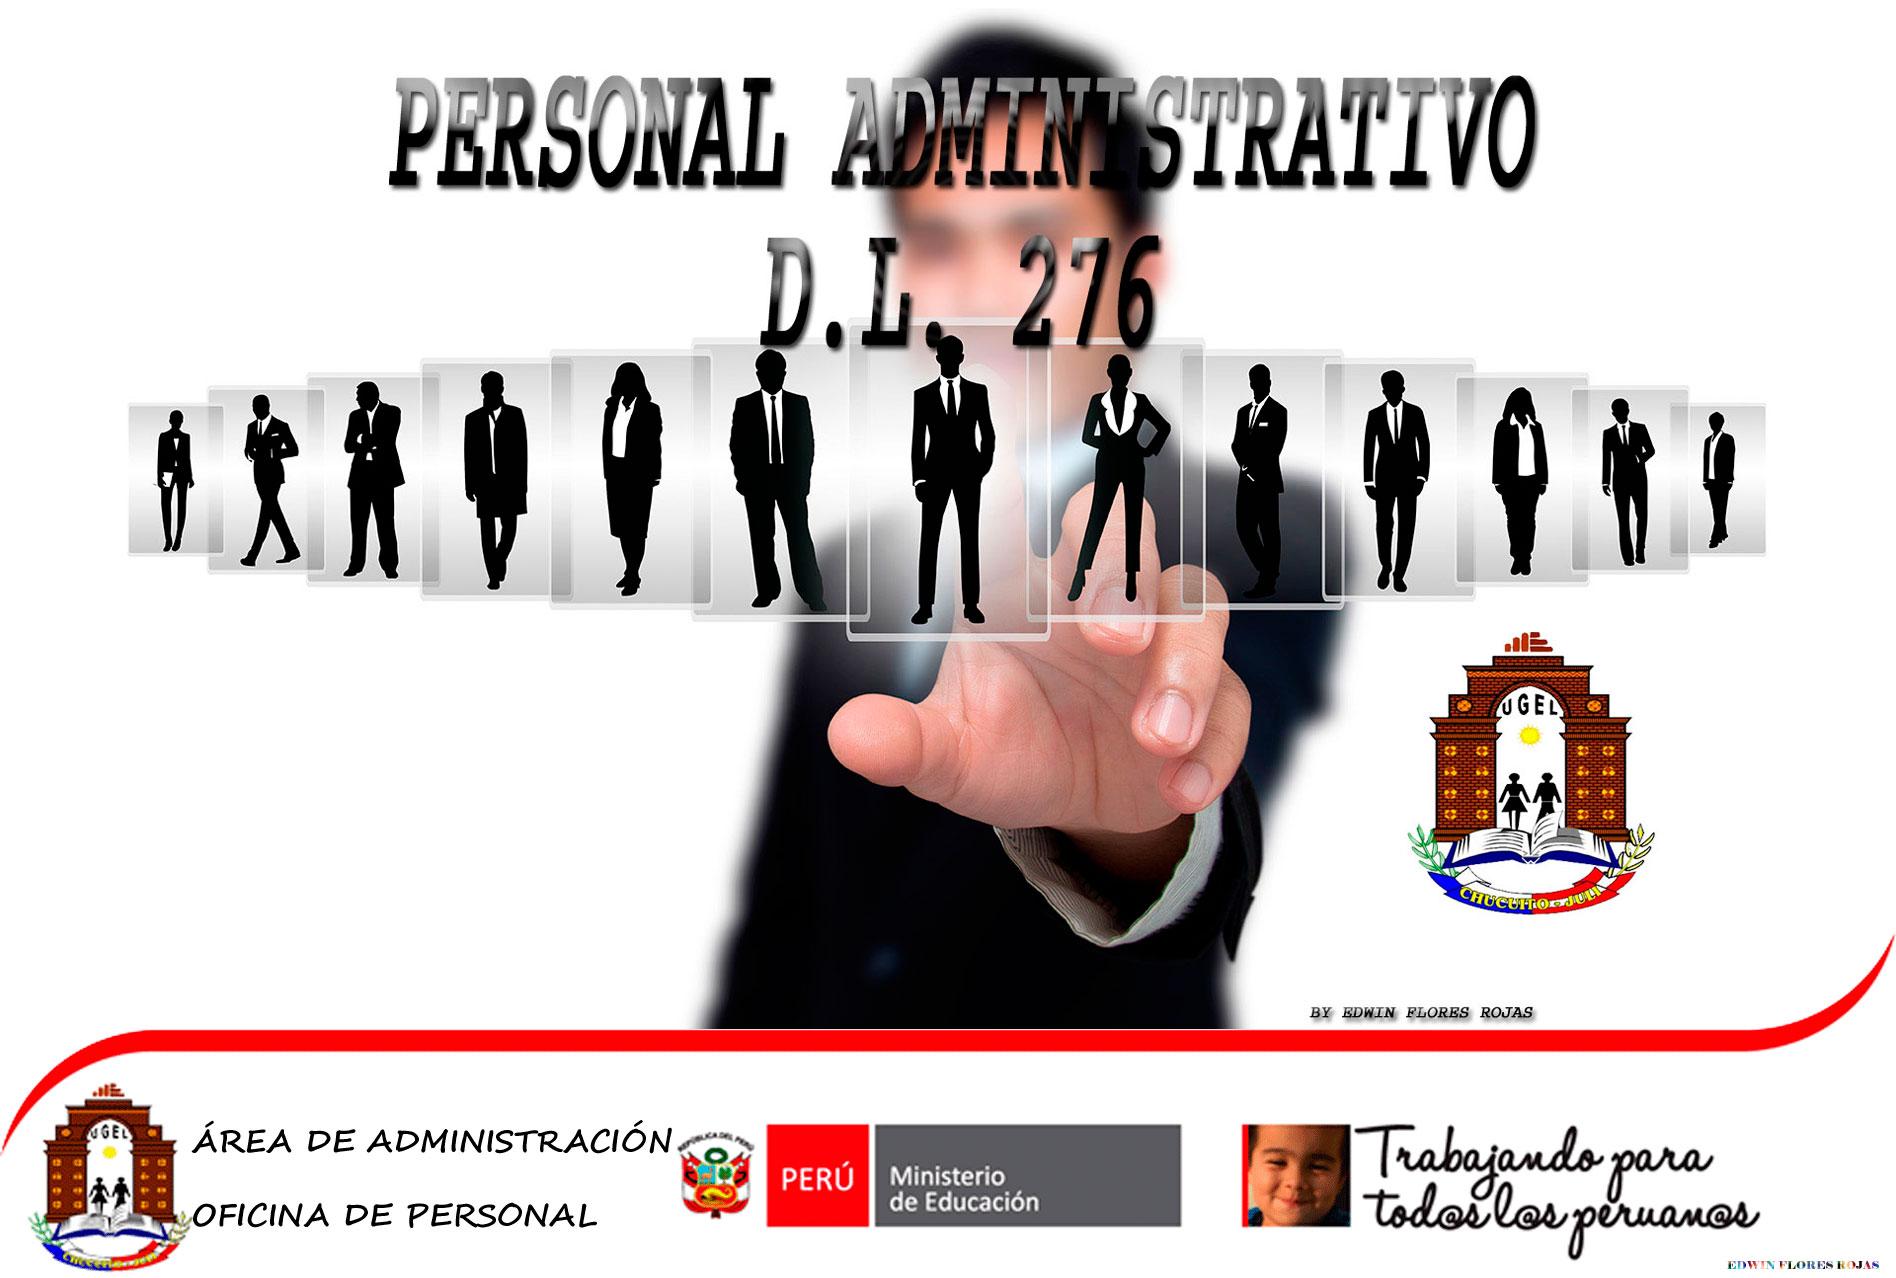 COMUNICADO – PROCESO DE NOMBRAMIENTO PERSONAL ADMINISTRATIVO D.L. 276 UGEL CHUCUITO 2019